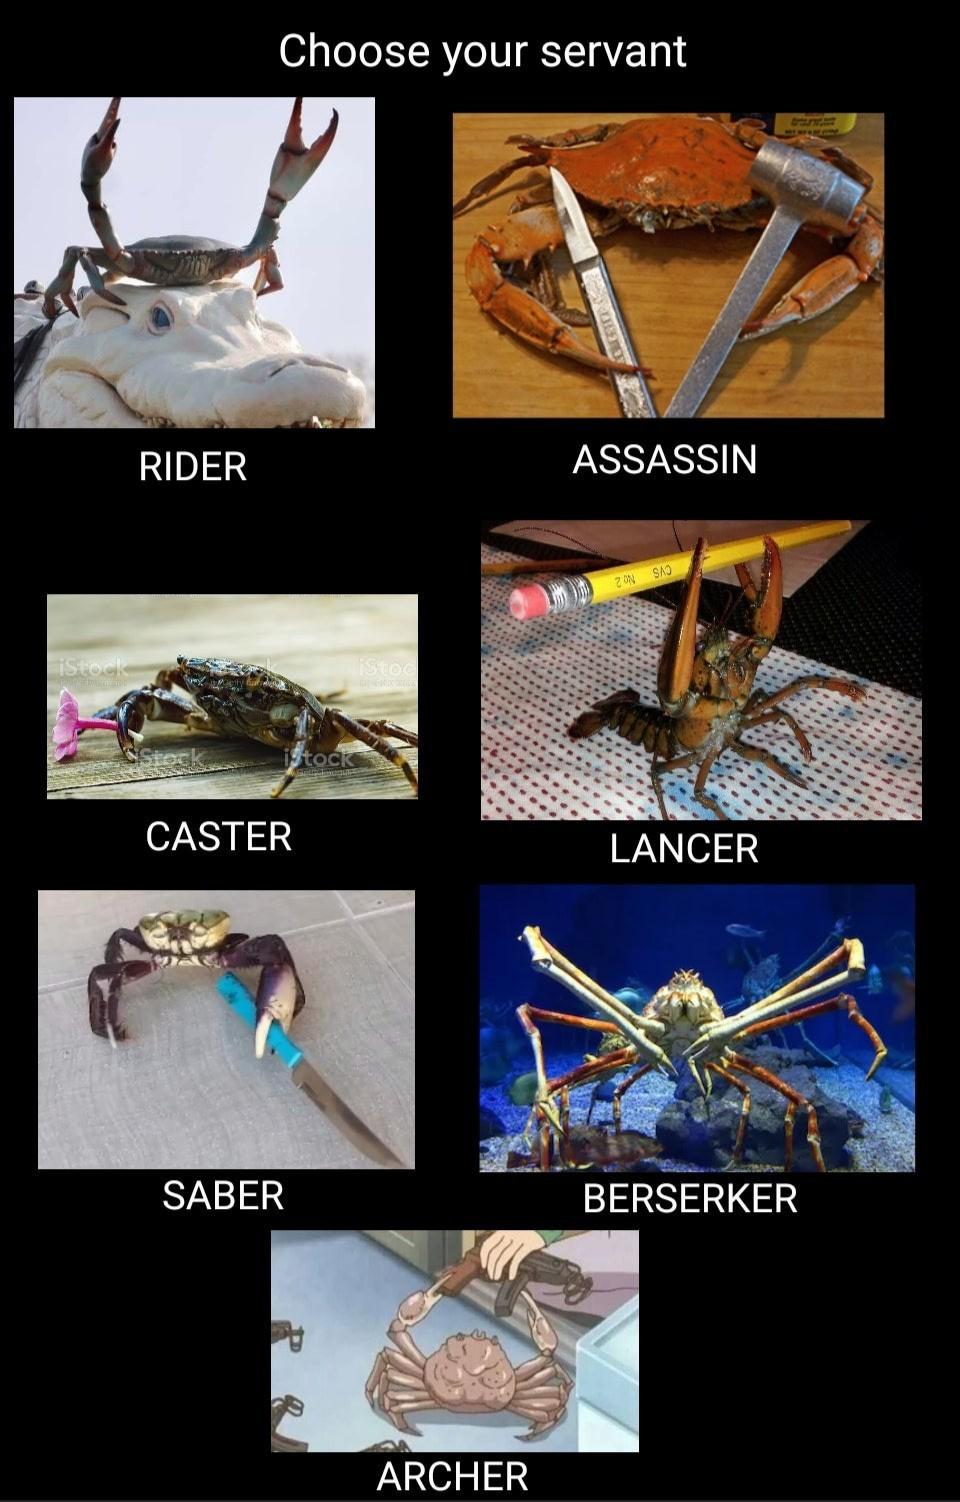 Les crabe héroïque - meme